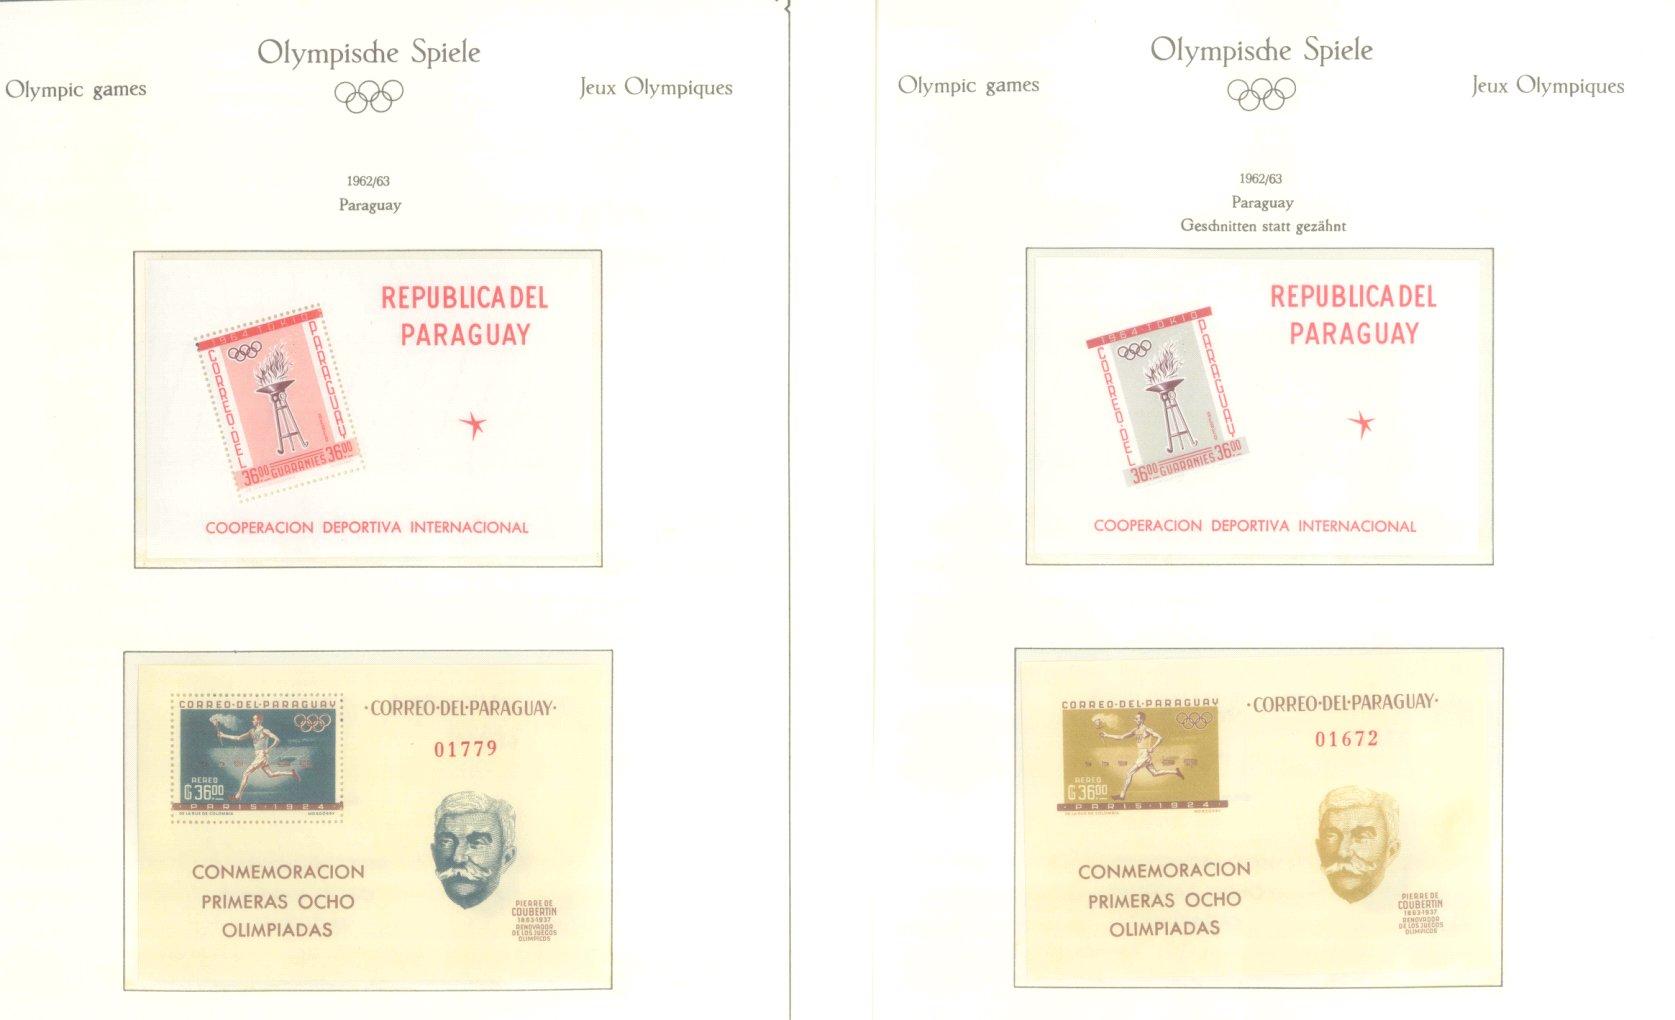 OLYMPISCHE SPIELE 1964 TOKIO, postfrische Sammlung Teil 2-11